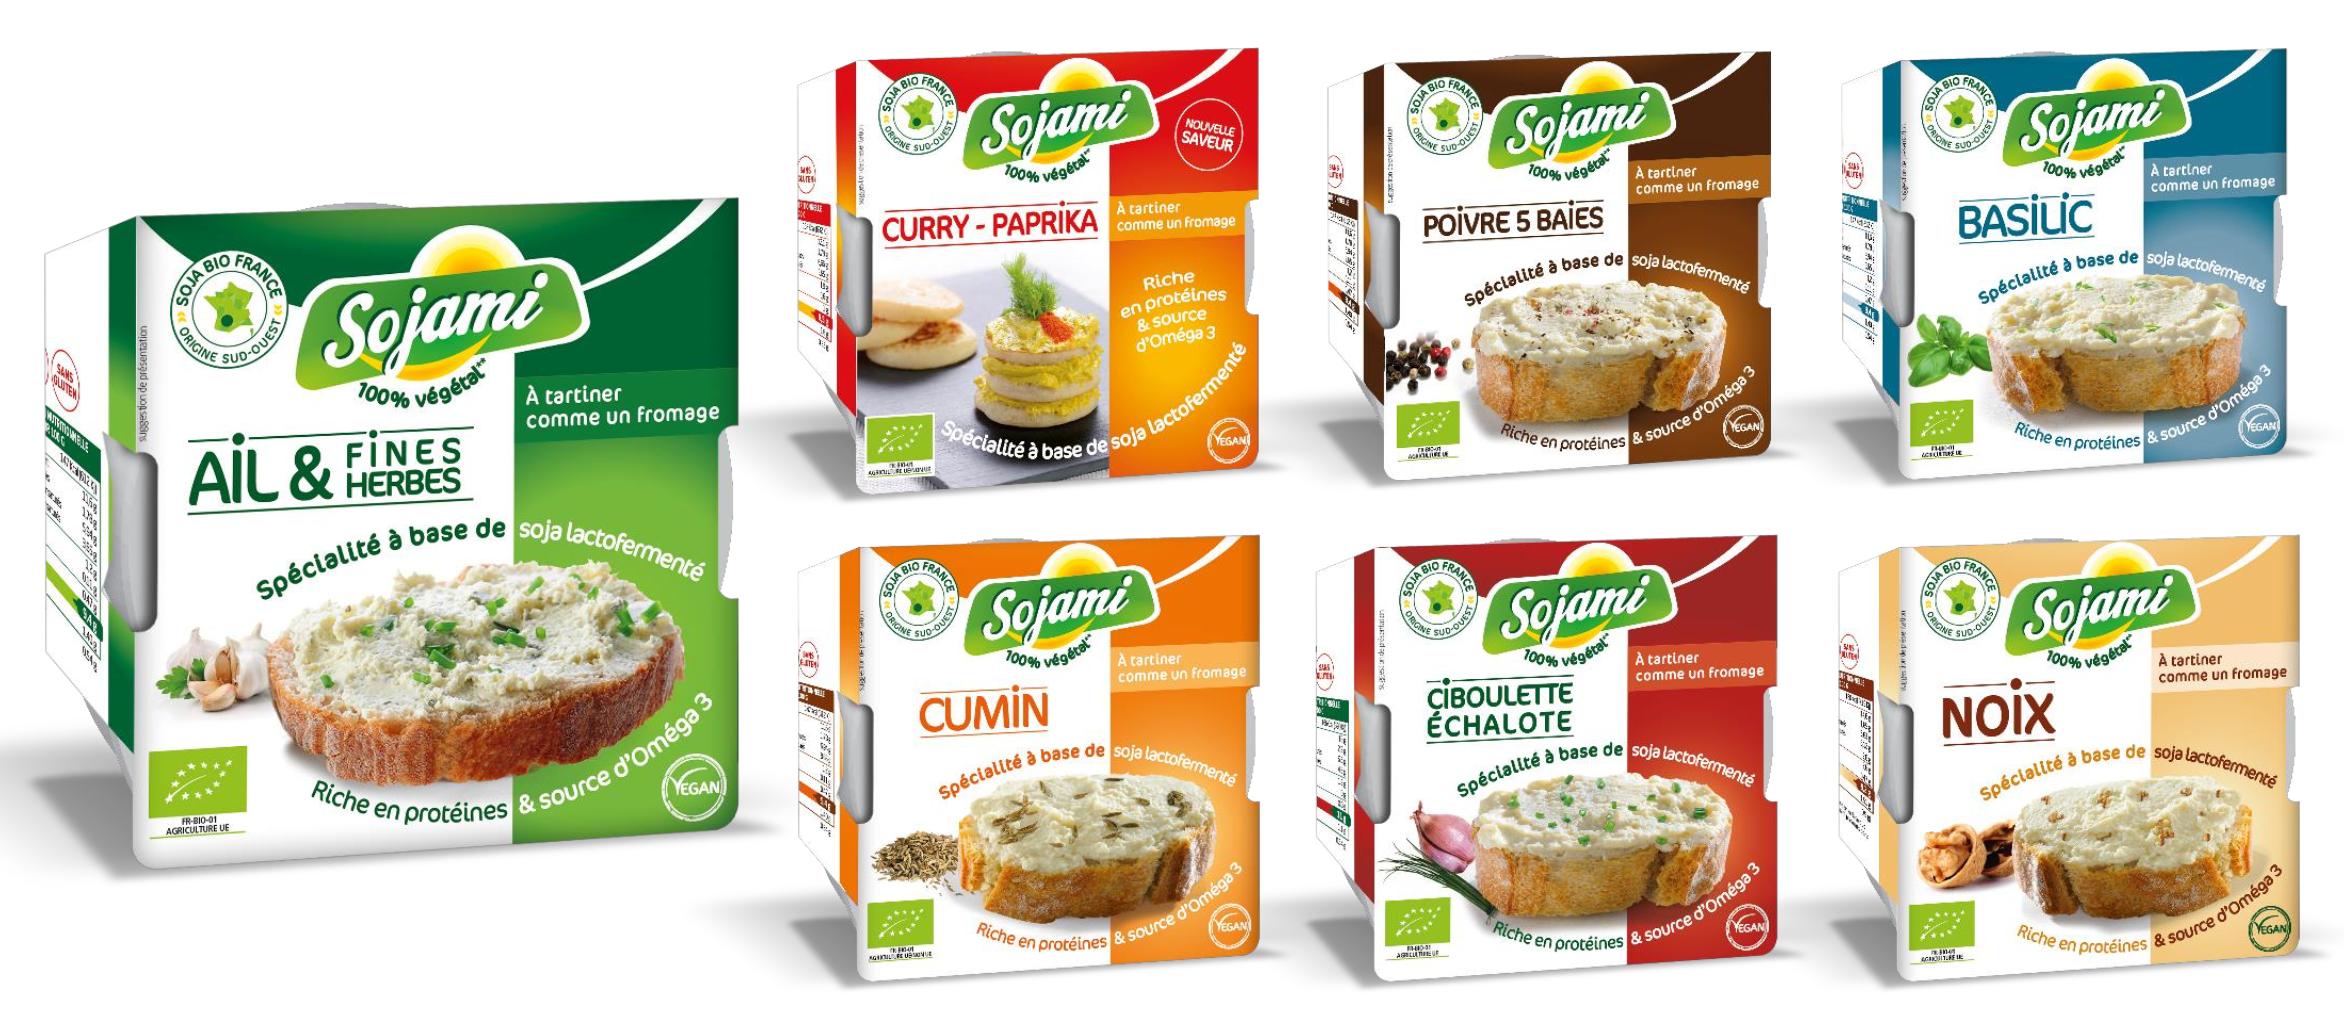 Capture d'écran 2019 12 18 à 08.24.09 - Sojami, des produits innvovants pour la transition alimentaire